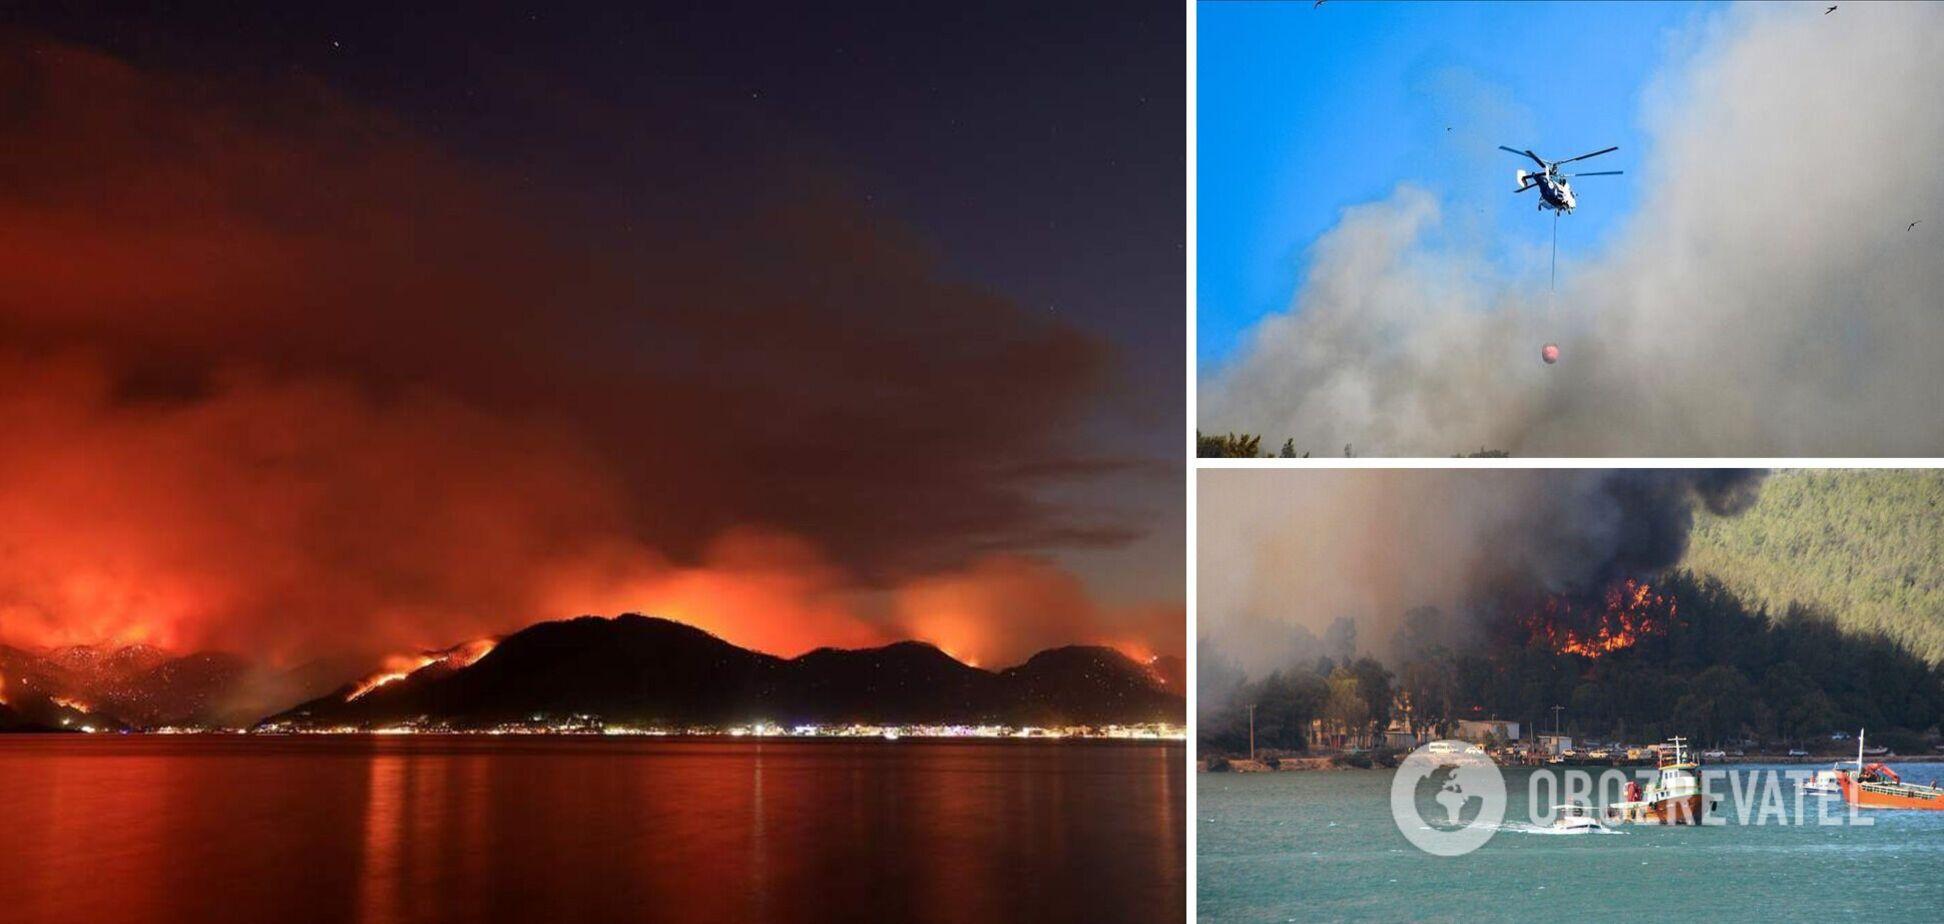 В Турции районы лесных пожаров объявили зонами бедствия: число погибших возросло. Видео